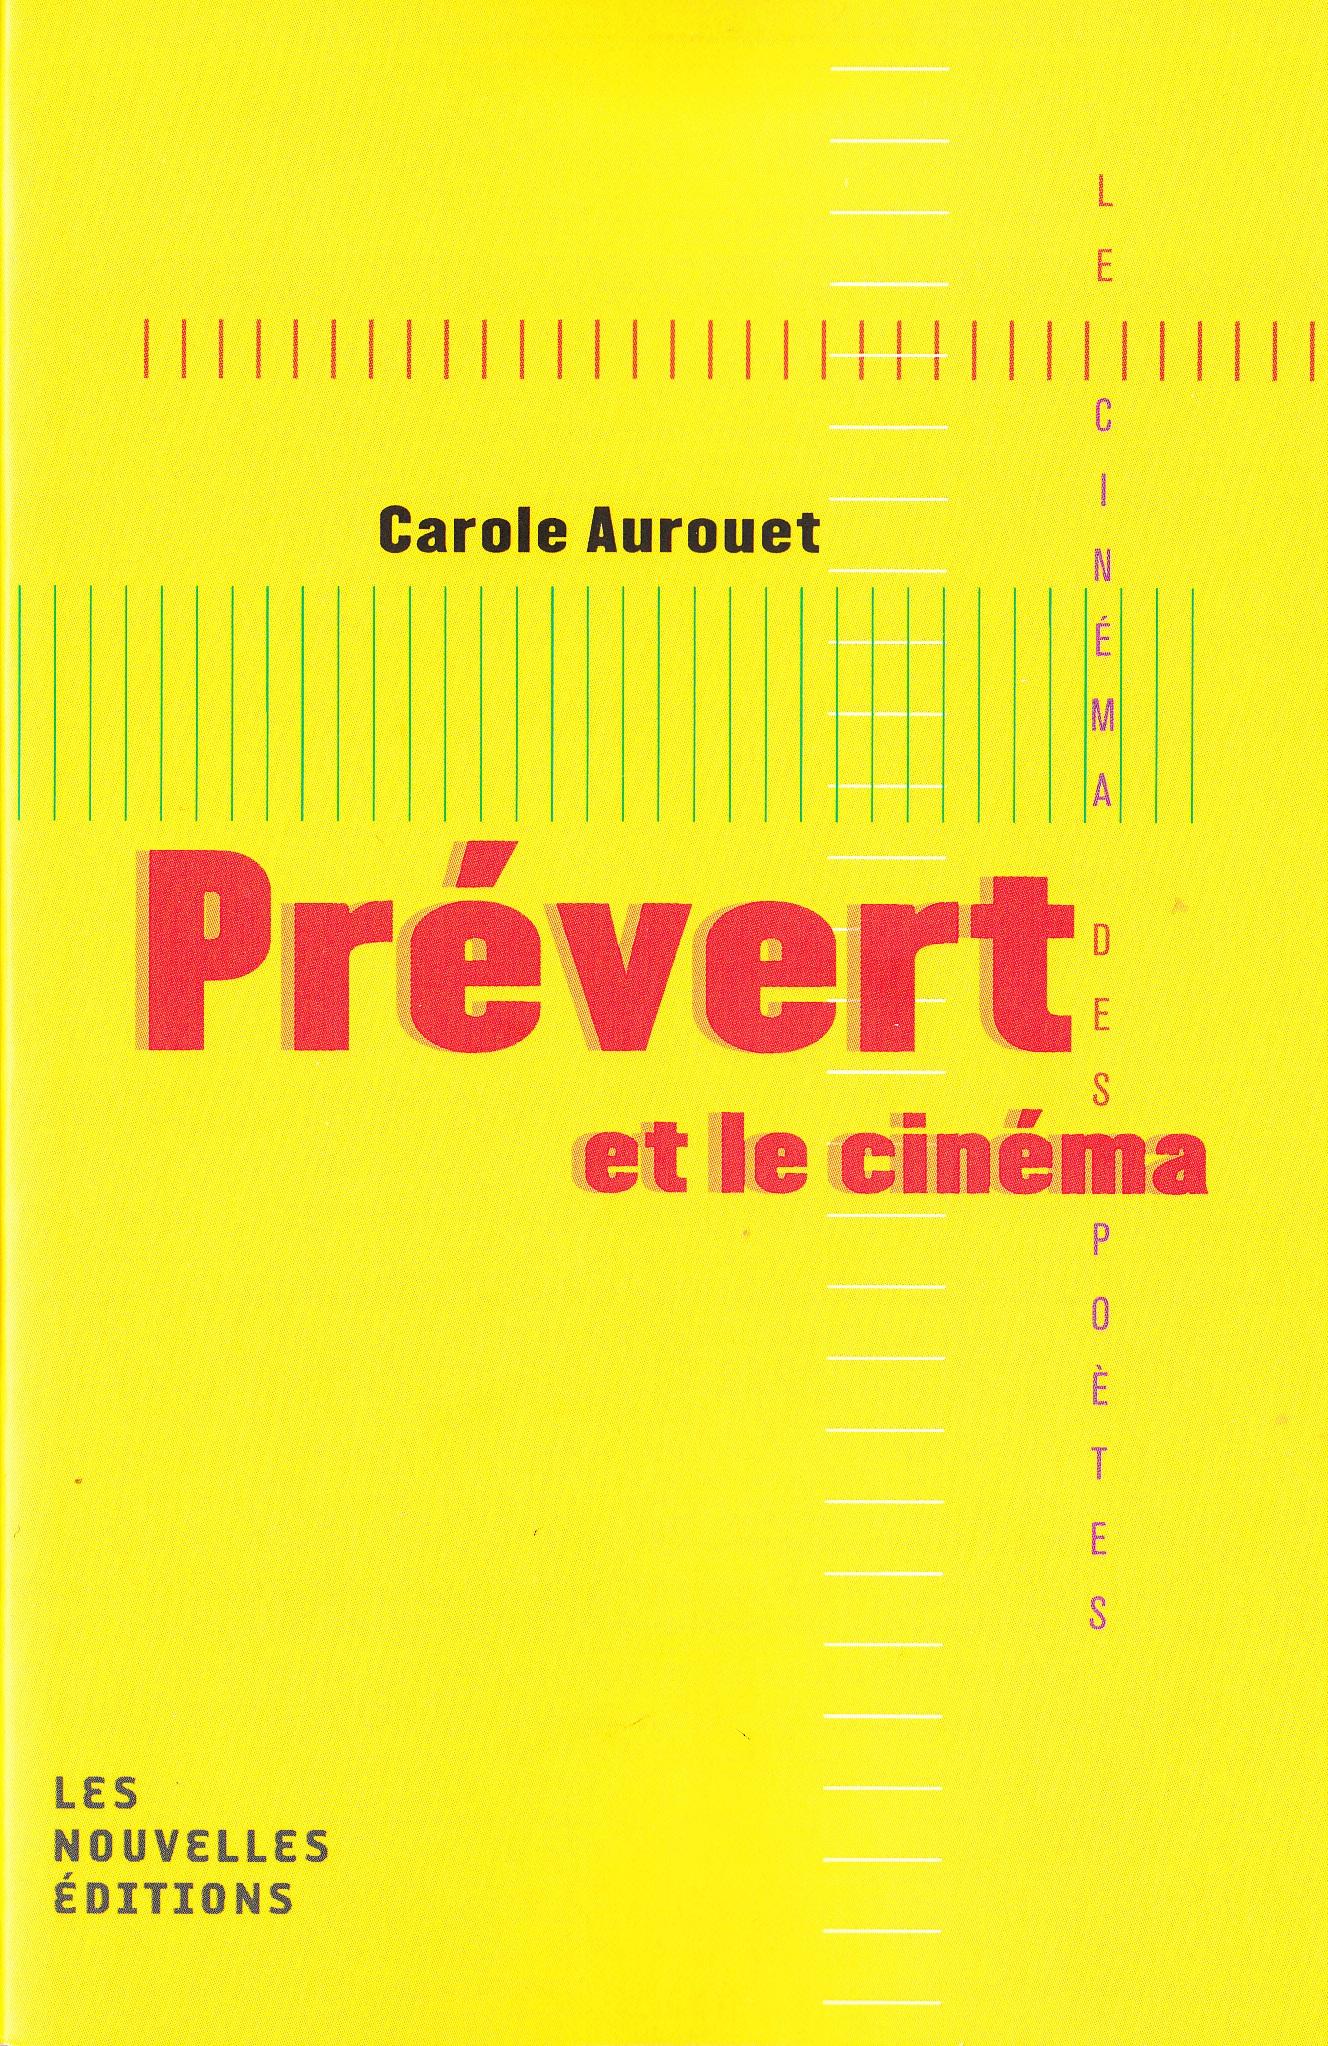 Carole Aurouet, Prévert et le cinéma